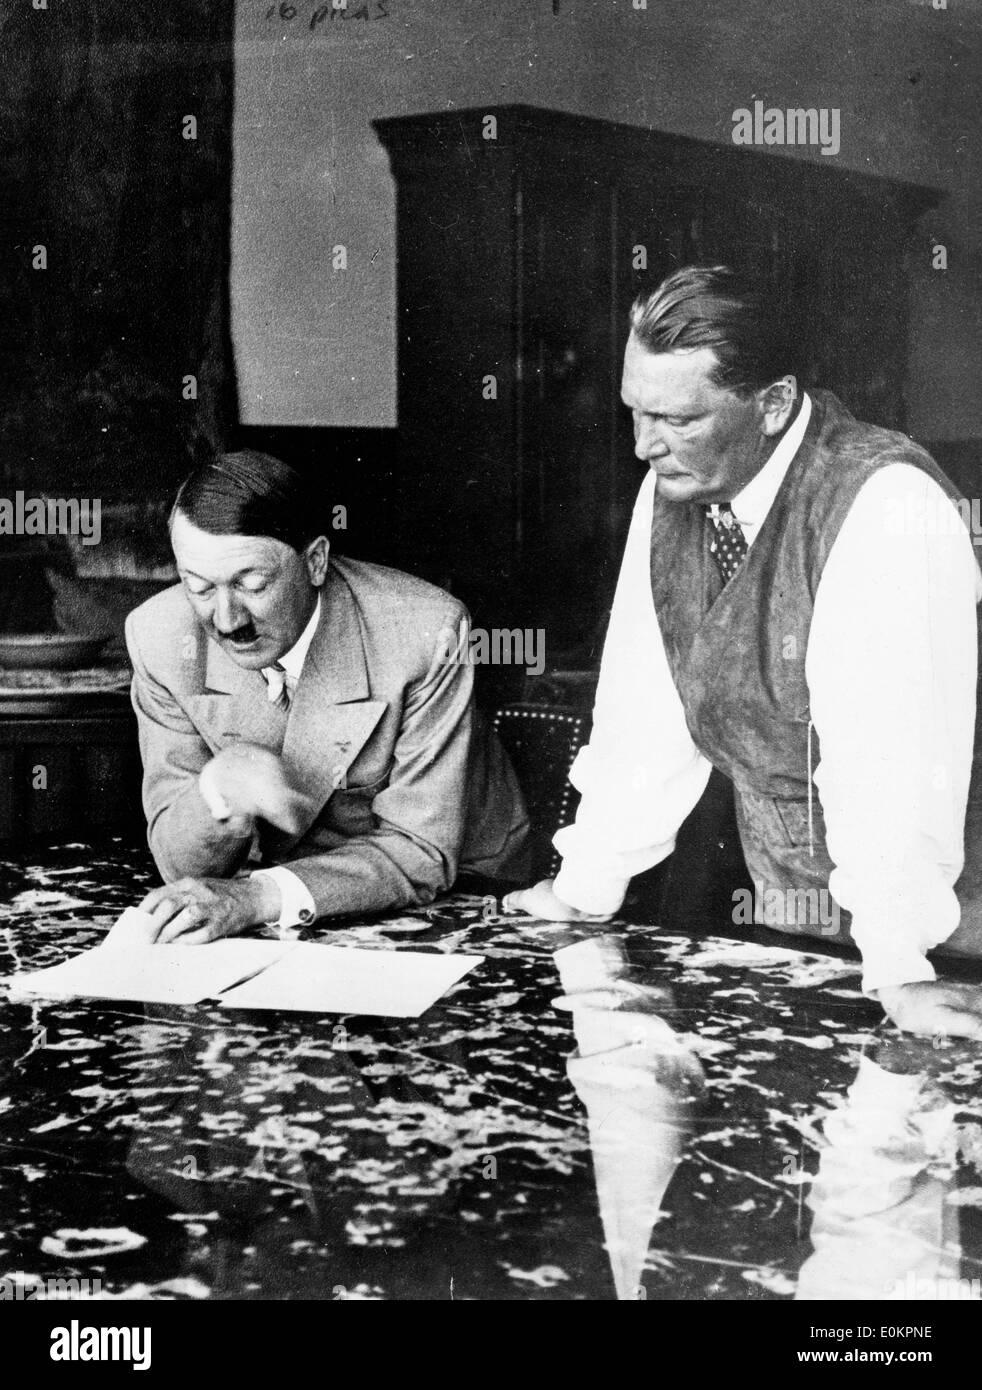 Adolf Hitler and Hermann Goering - Stock Image